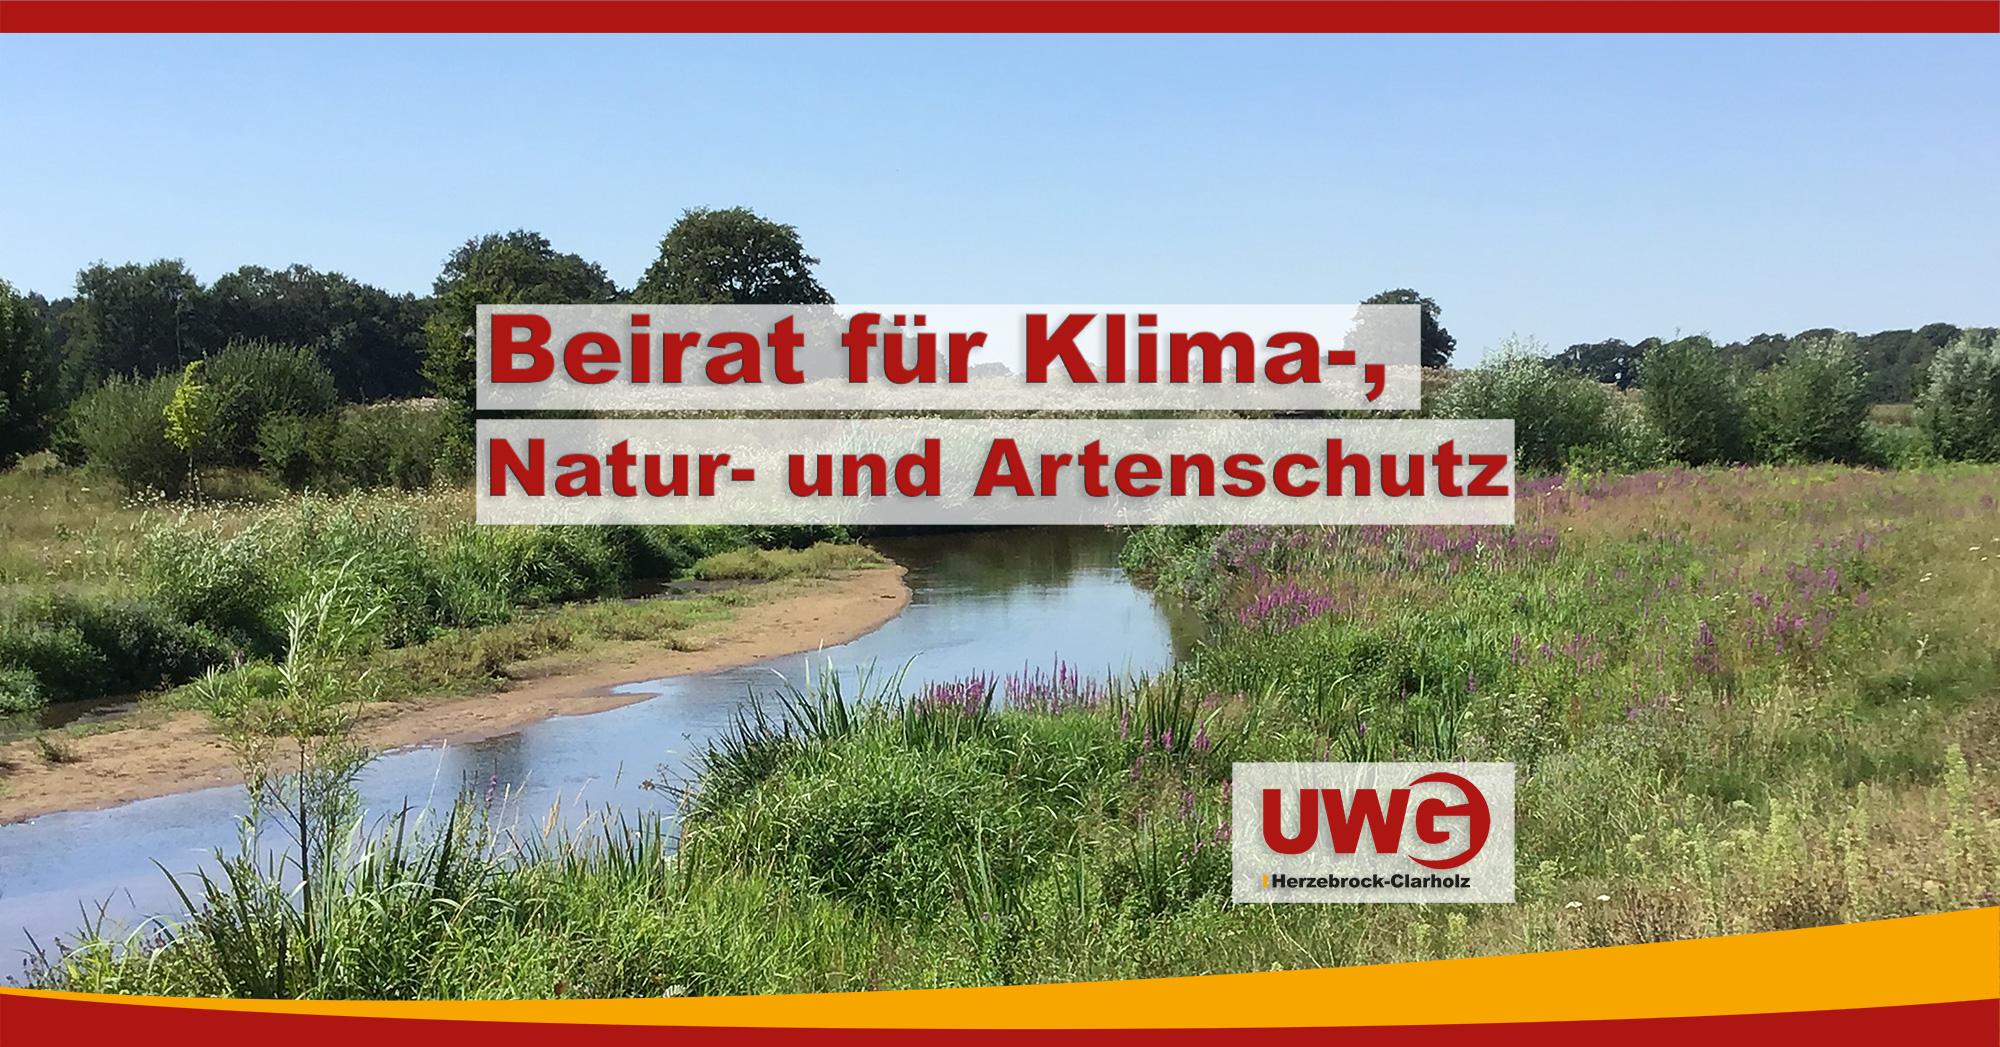 Klima-, Natur- und Artenschutzbeirat für Herzebrock-Clarholz